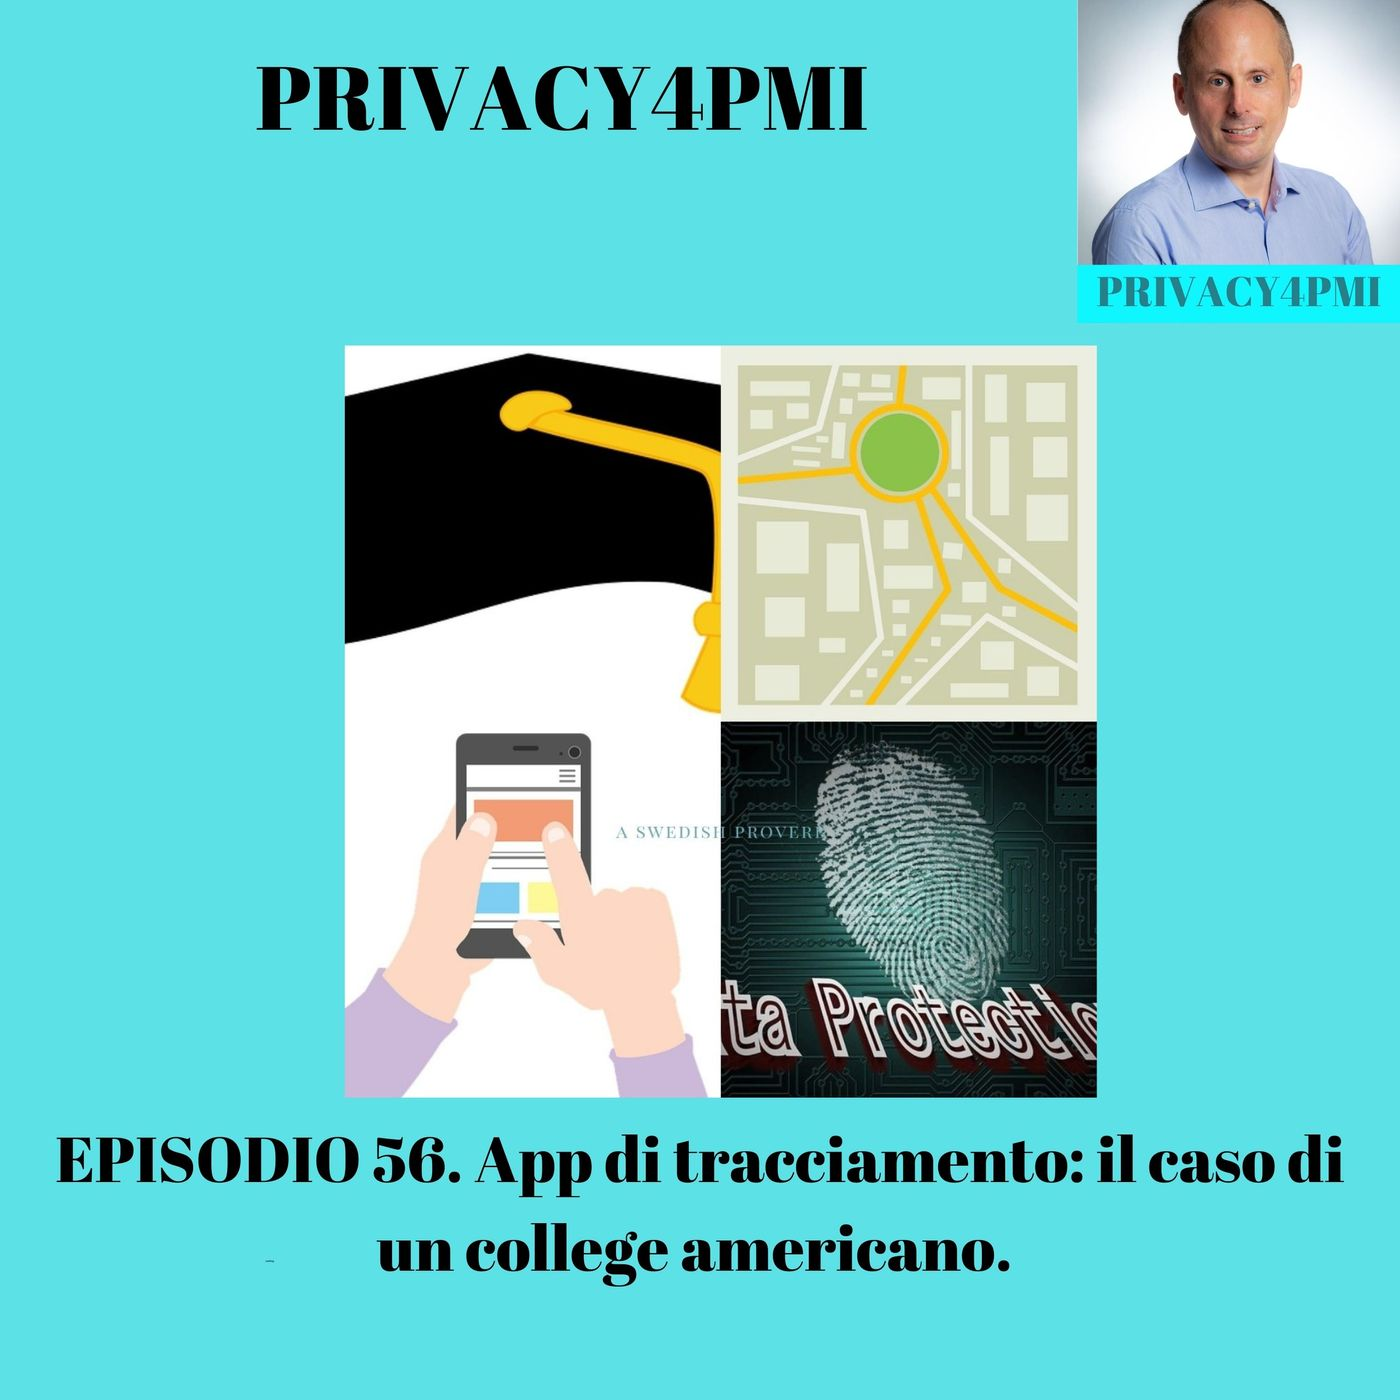 EPISODIO 56- App di tracciamento- il caso di un college americano.